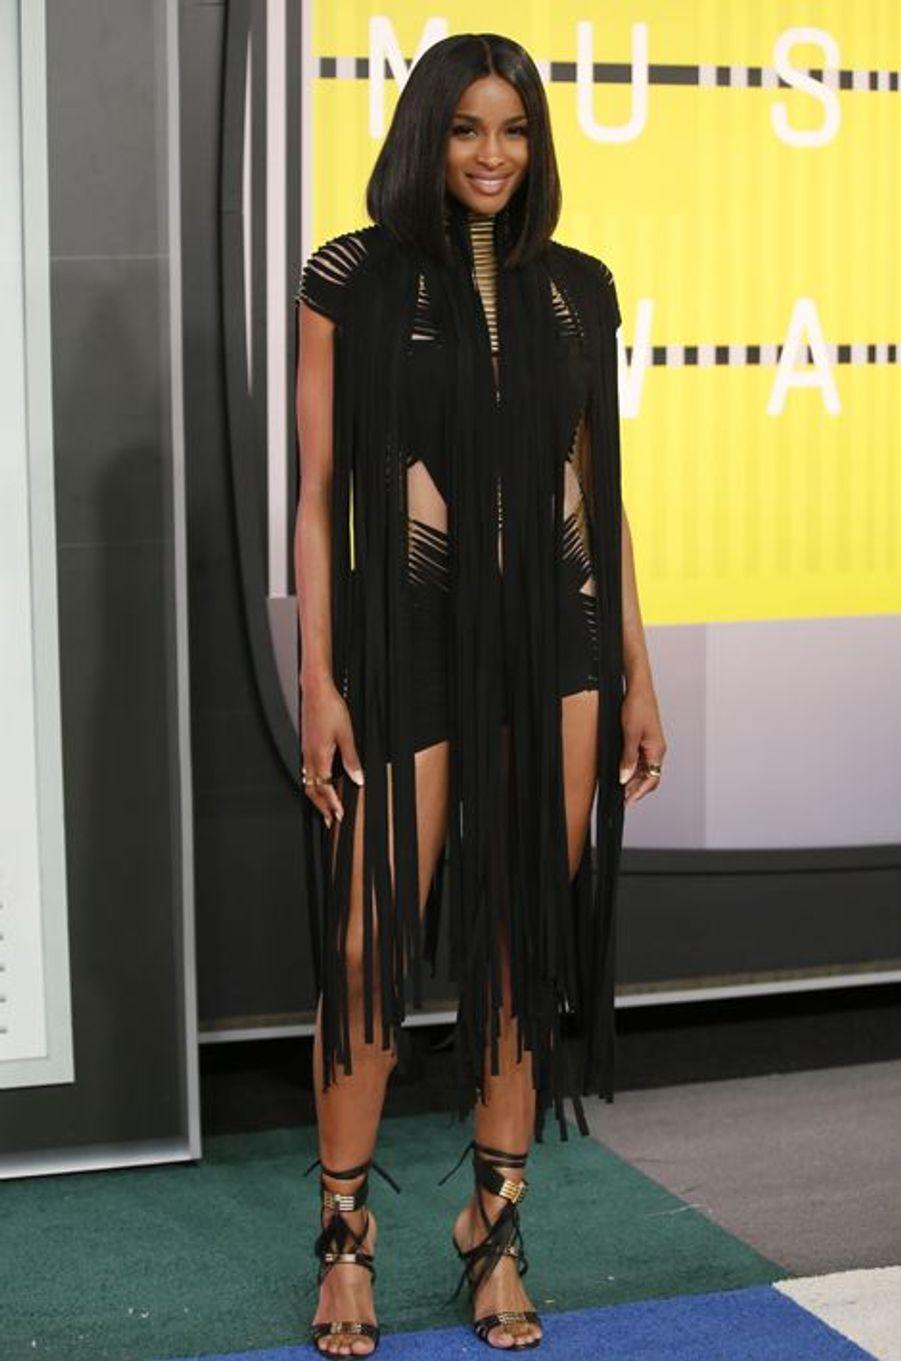 La chanteuse Ciara arrive aux MTV Video Music Awards 2015 dimanche soir.